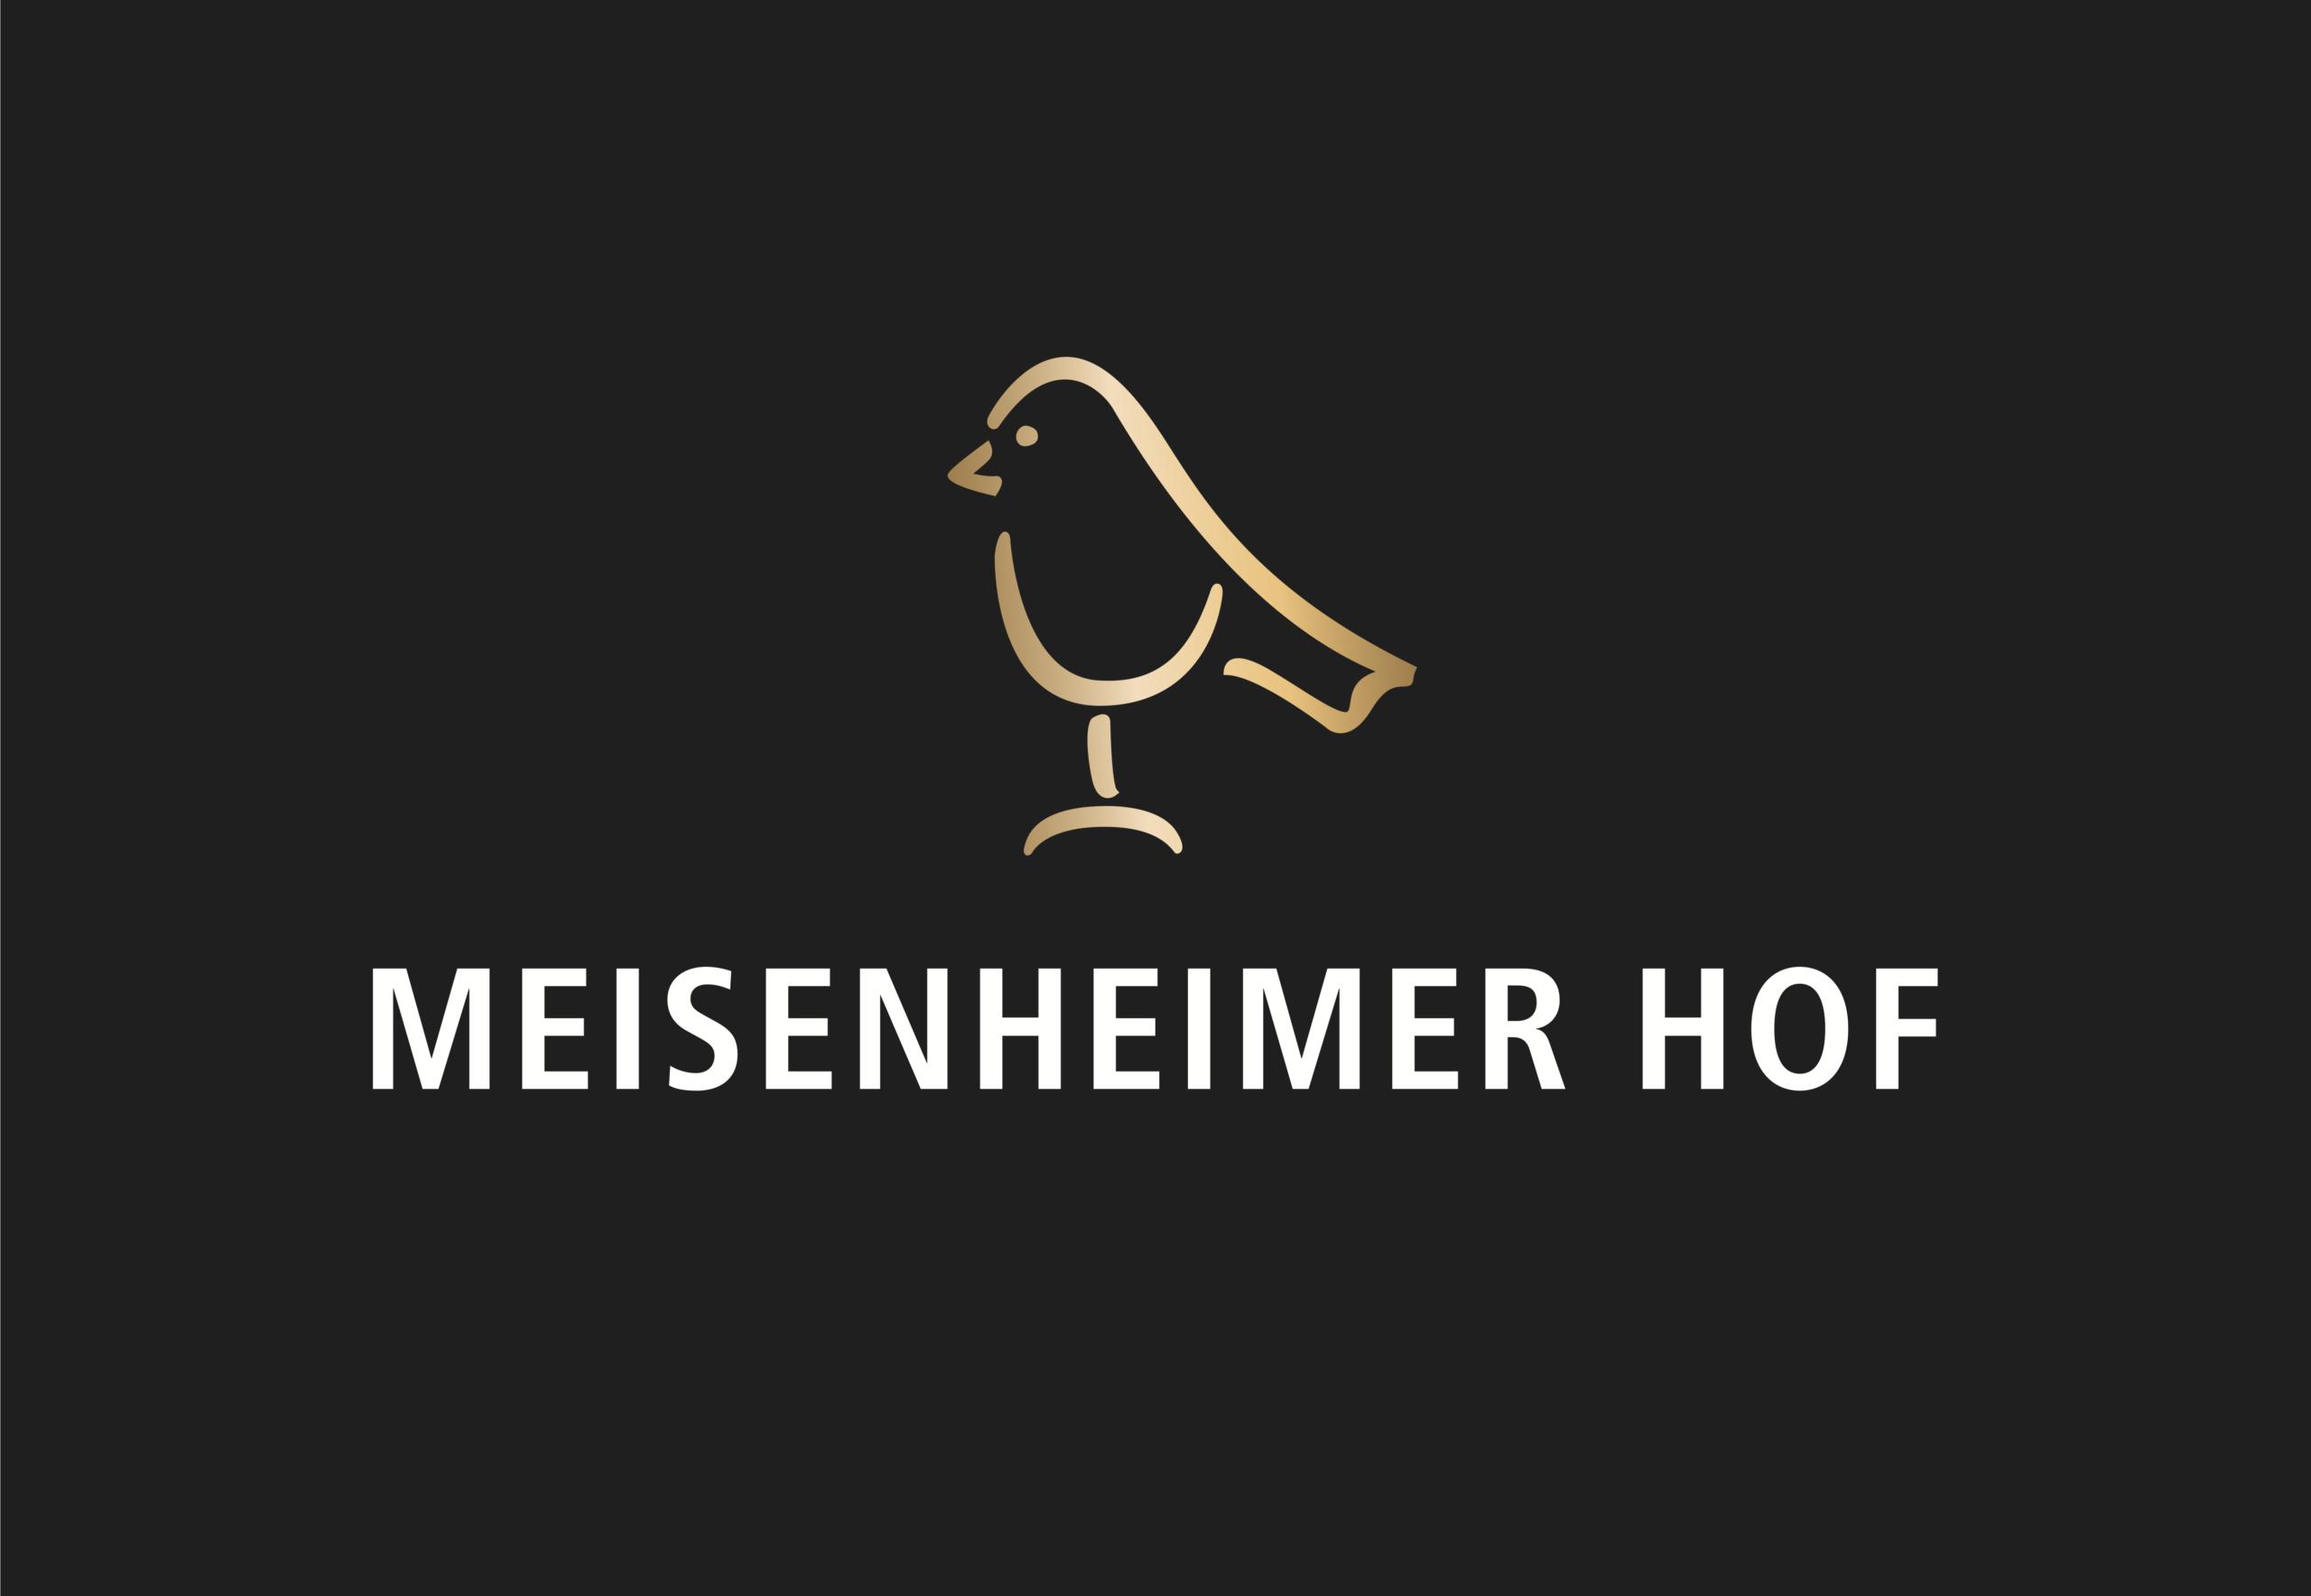 Logo MeisenheimerHof_final_gold__verlauf_schwarz_Pfade